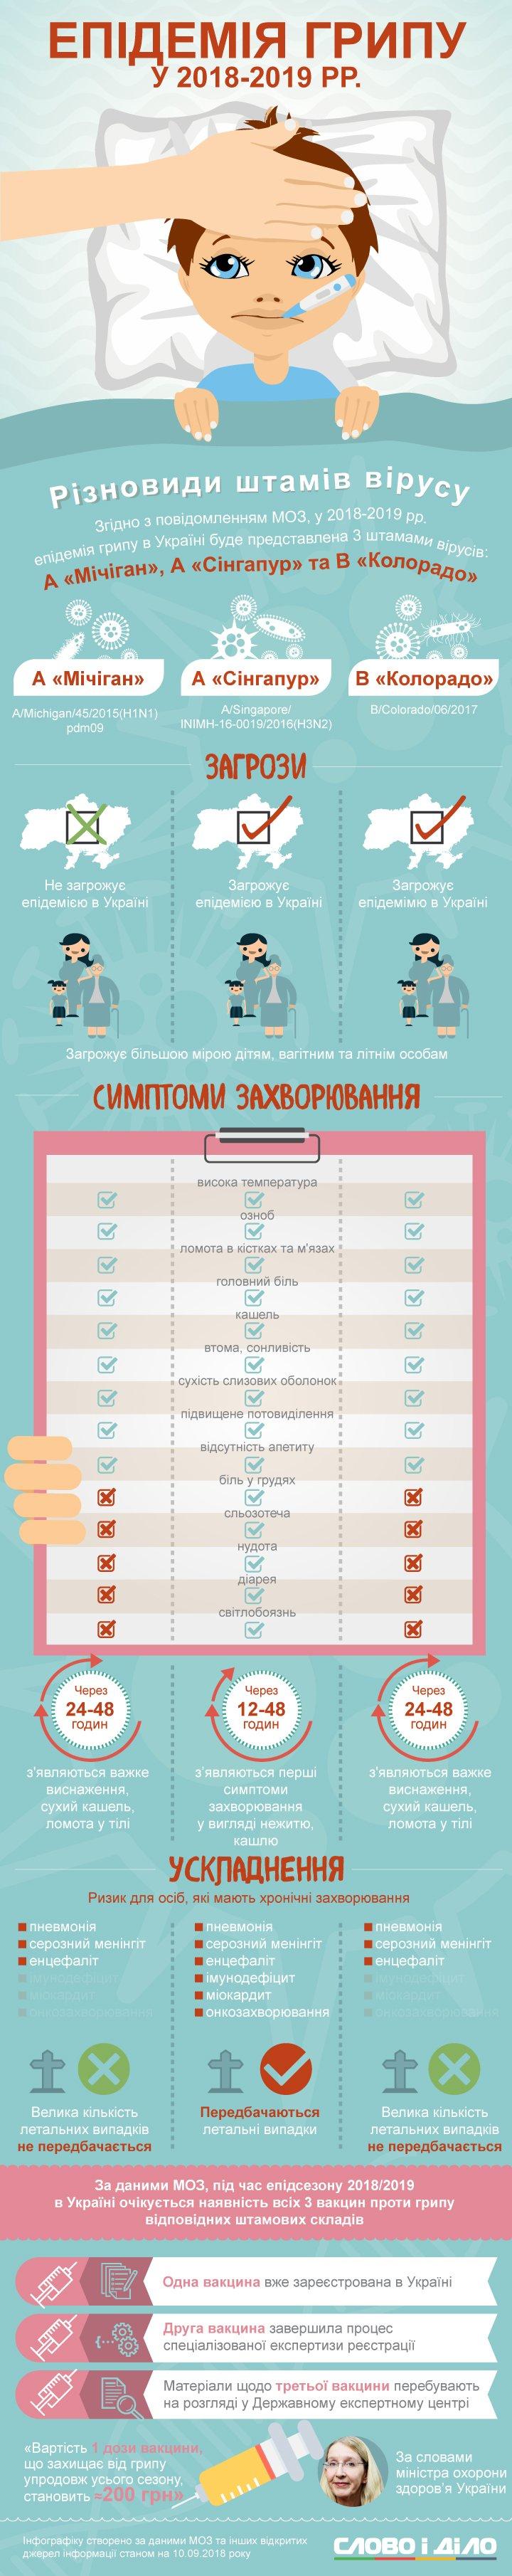 Эпидемия гриппа в Украине может начаться уже с октября. На этот раз украинцам угрожают три штамма.